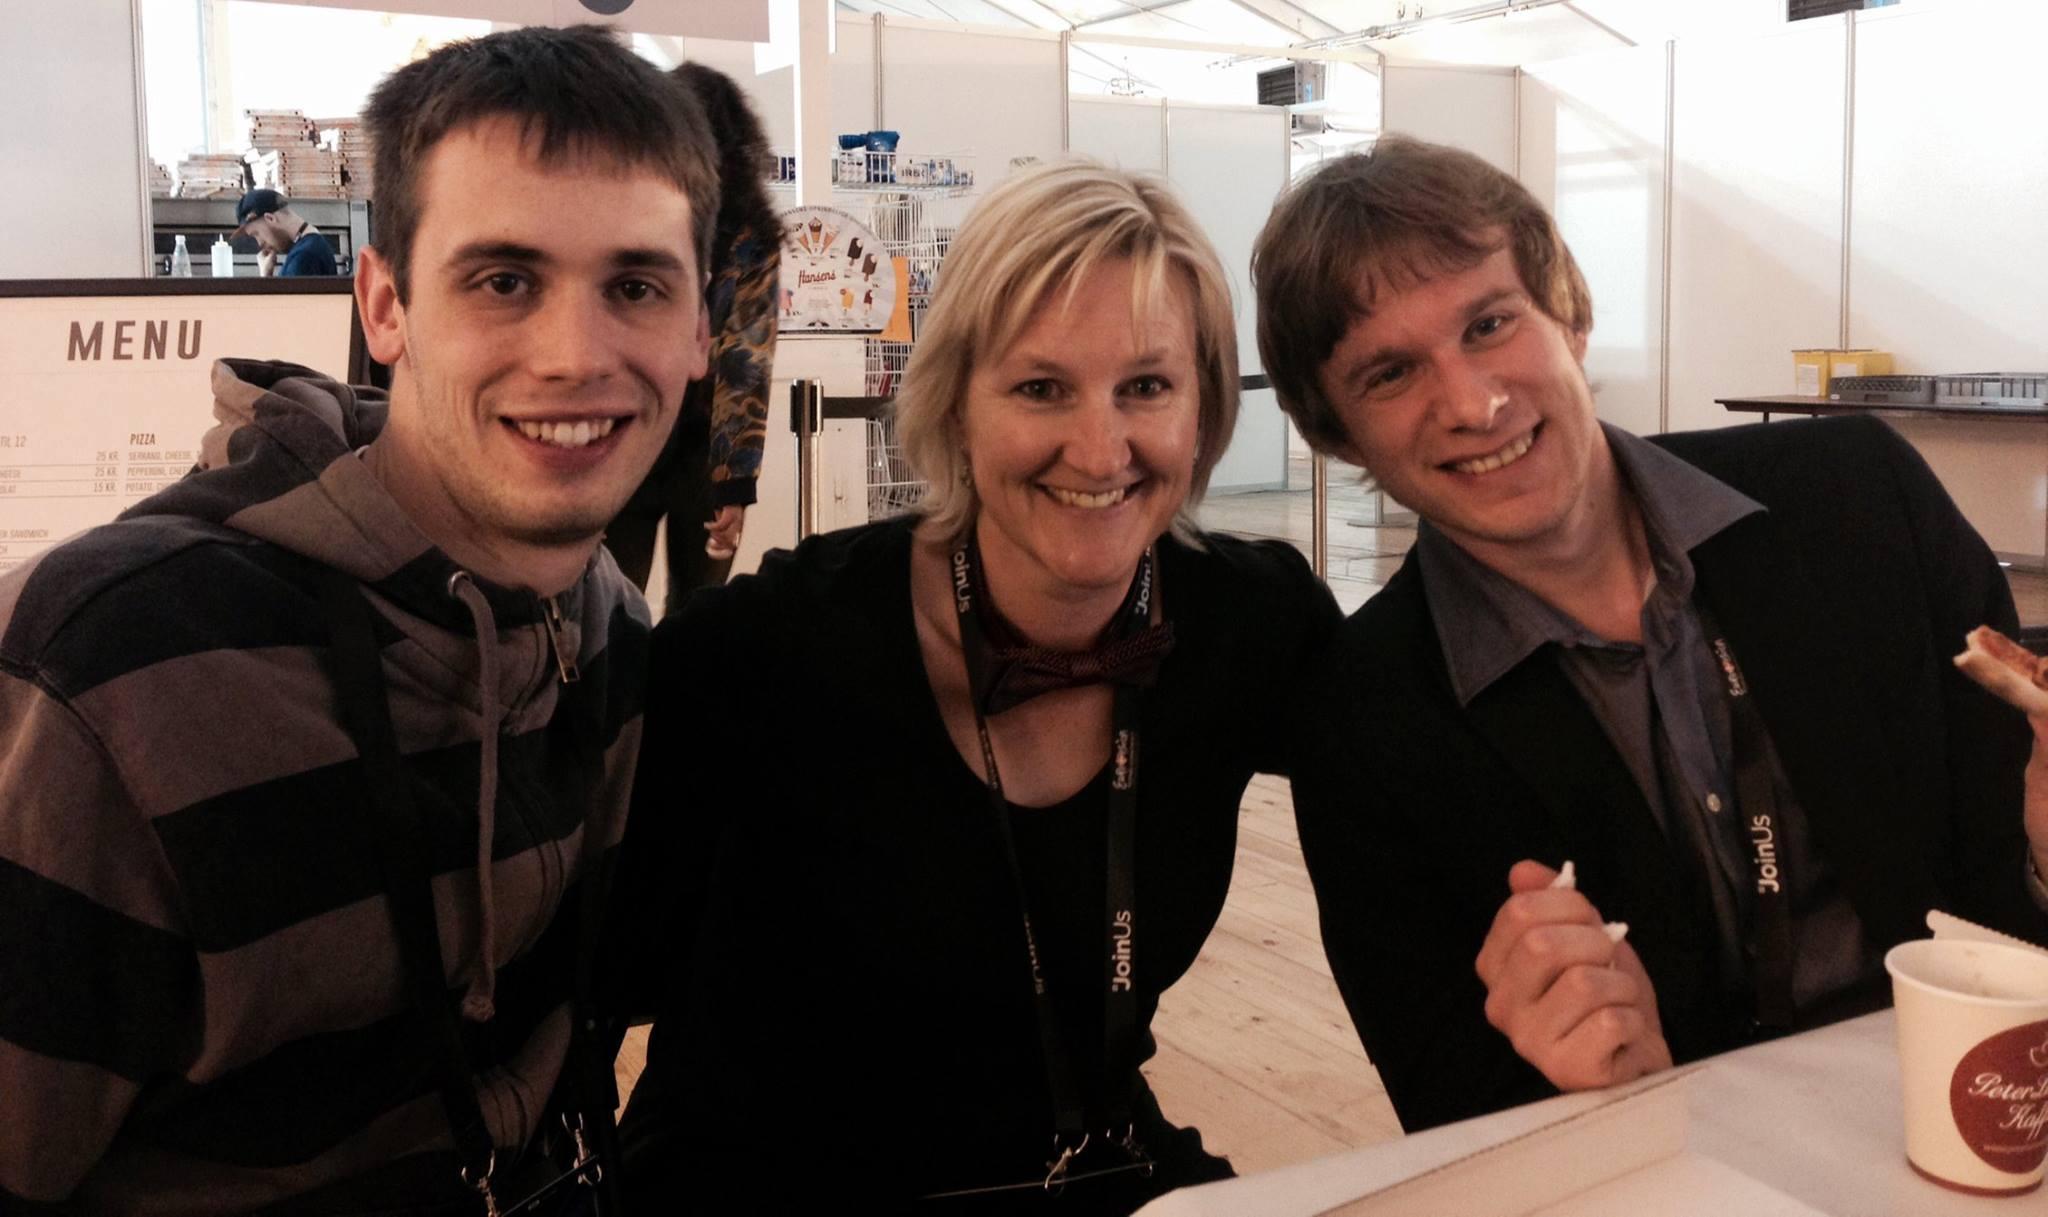 Vladislav Yakovlev, Kath Lockett, Luke Fisher